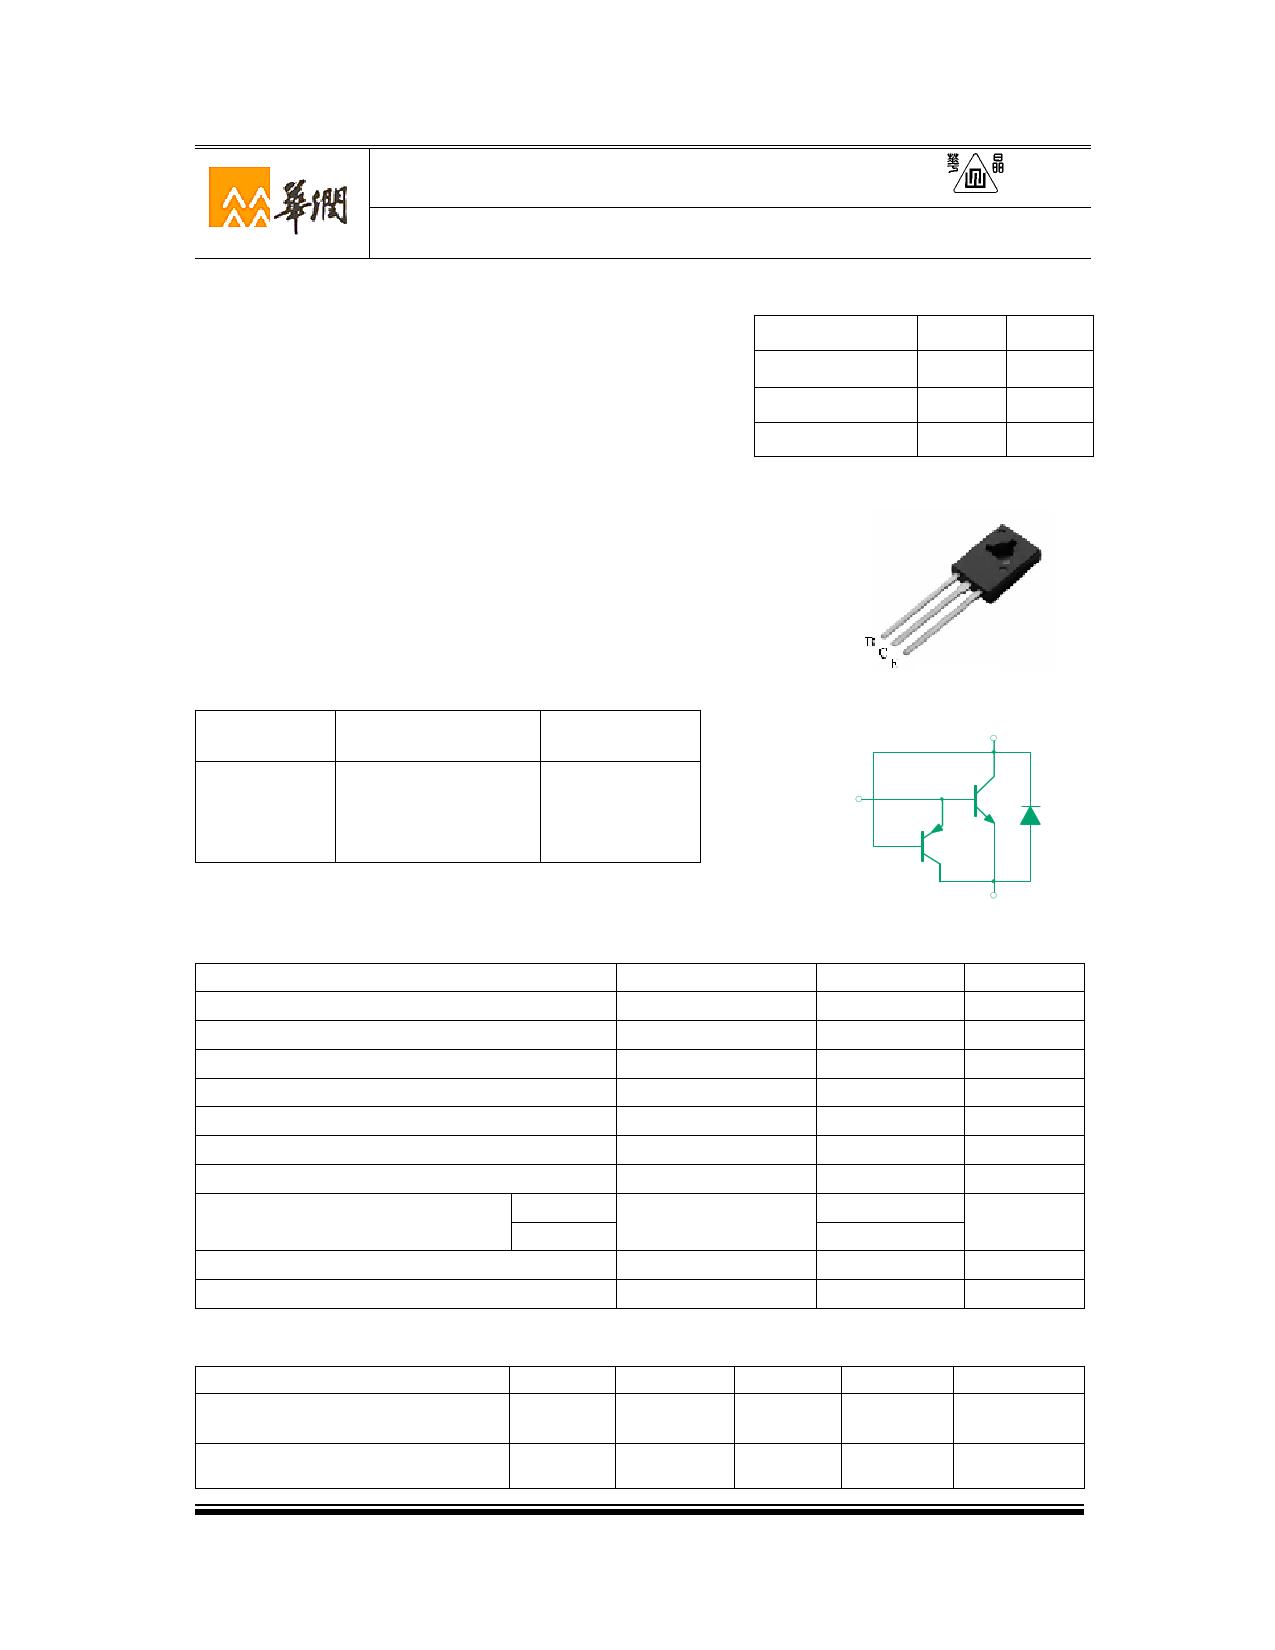 3DD13003W6D Datasheet, 3DD13003W6D PDF,ピン配置, 機能